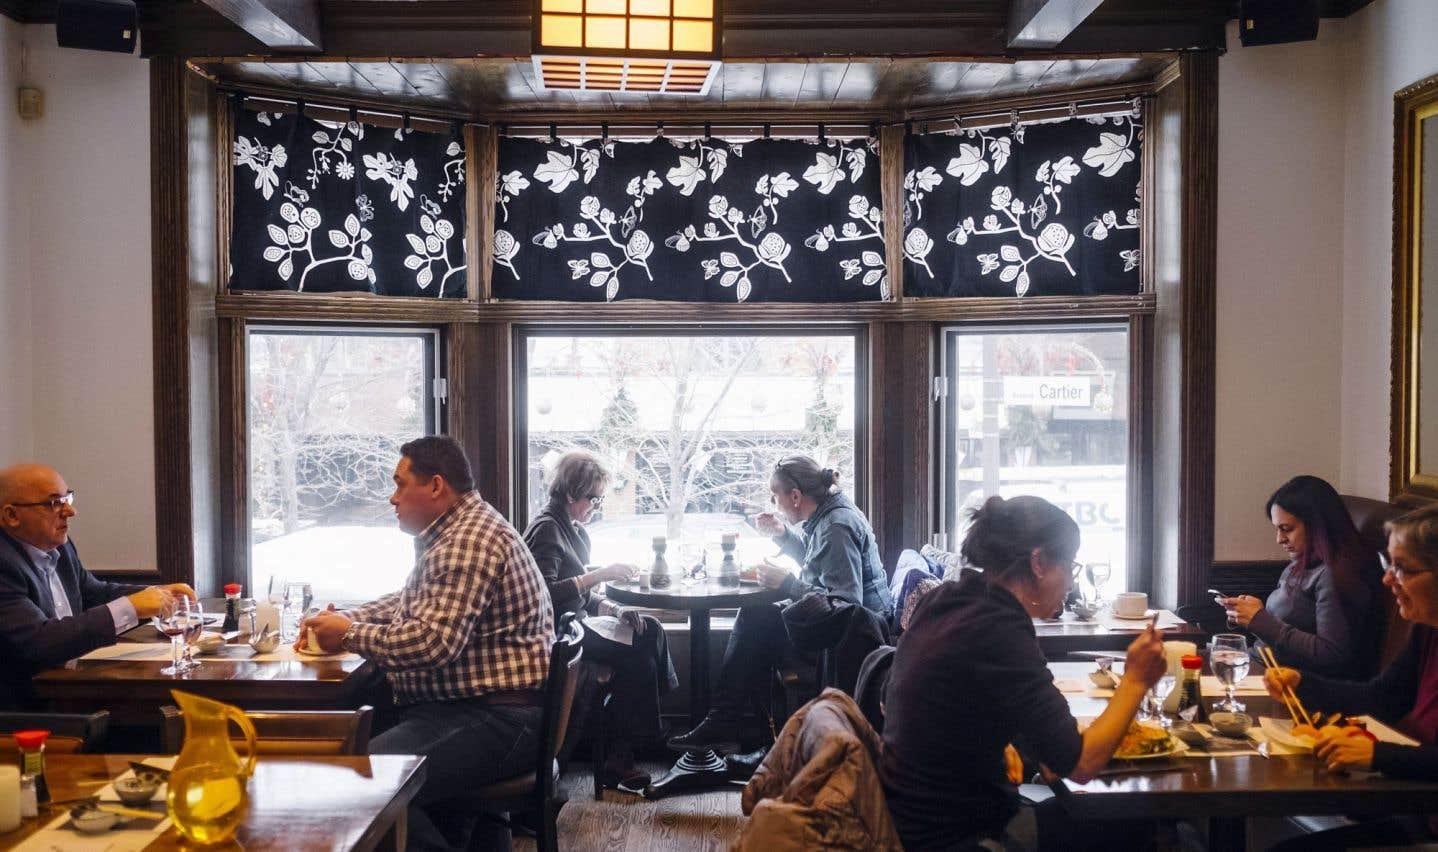 Le Métropolitain Eddie Sushi Bar est un très bon choix pour les adeptes de la cuisine japonaise qui veulent s'offrir une belle sortie: cadre très agréable, mets et présentation soignés, excellent service.